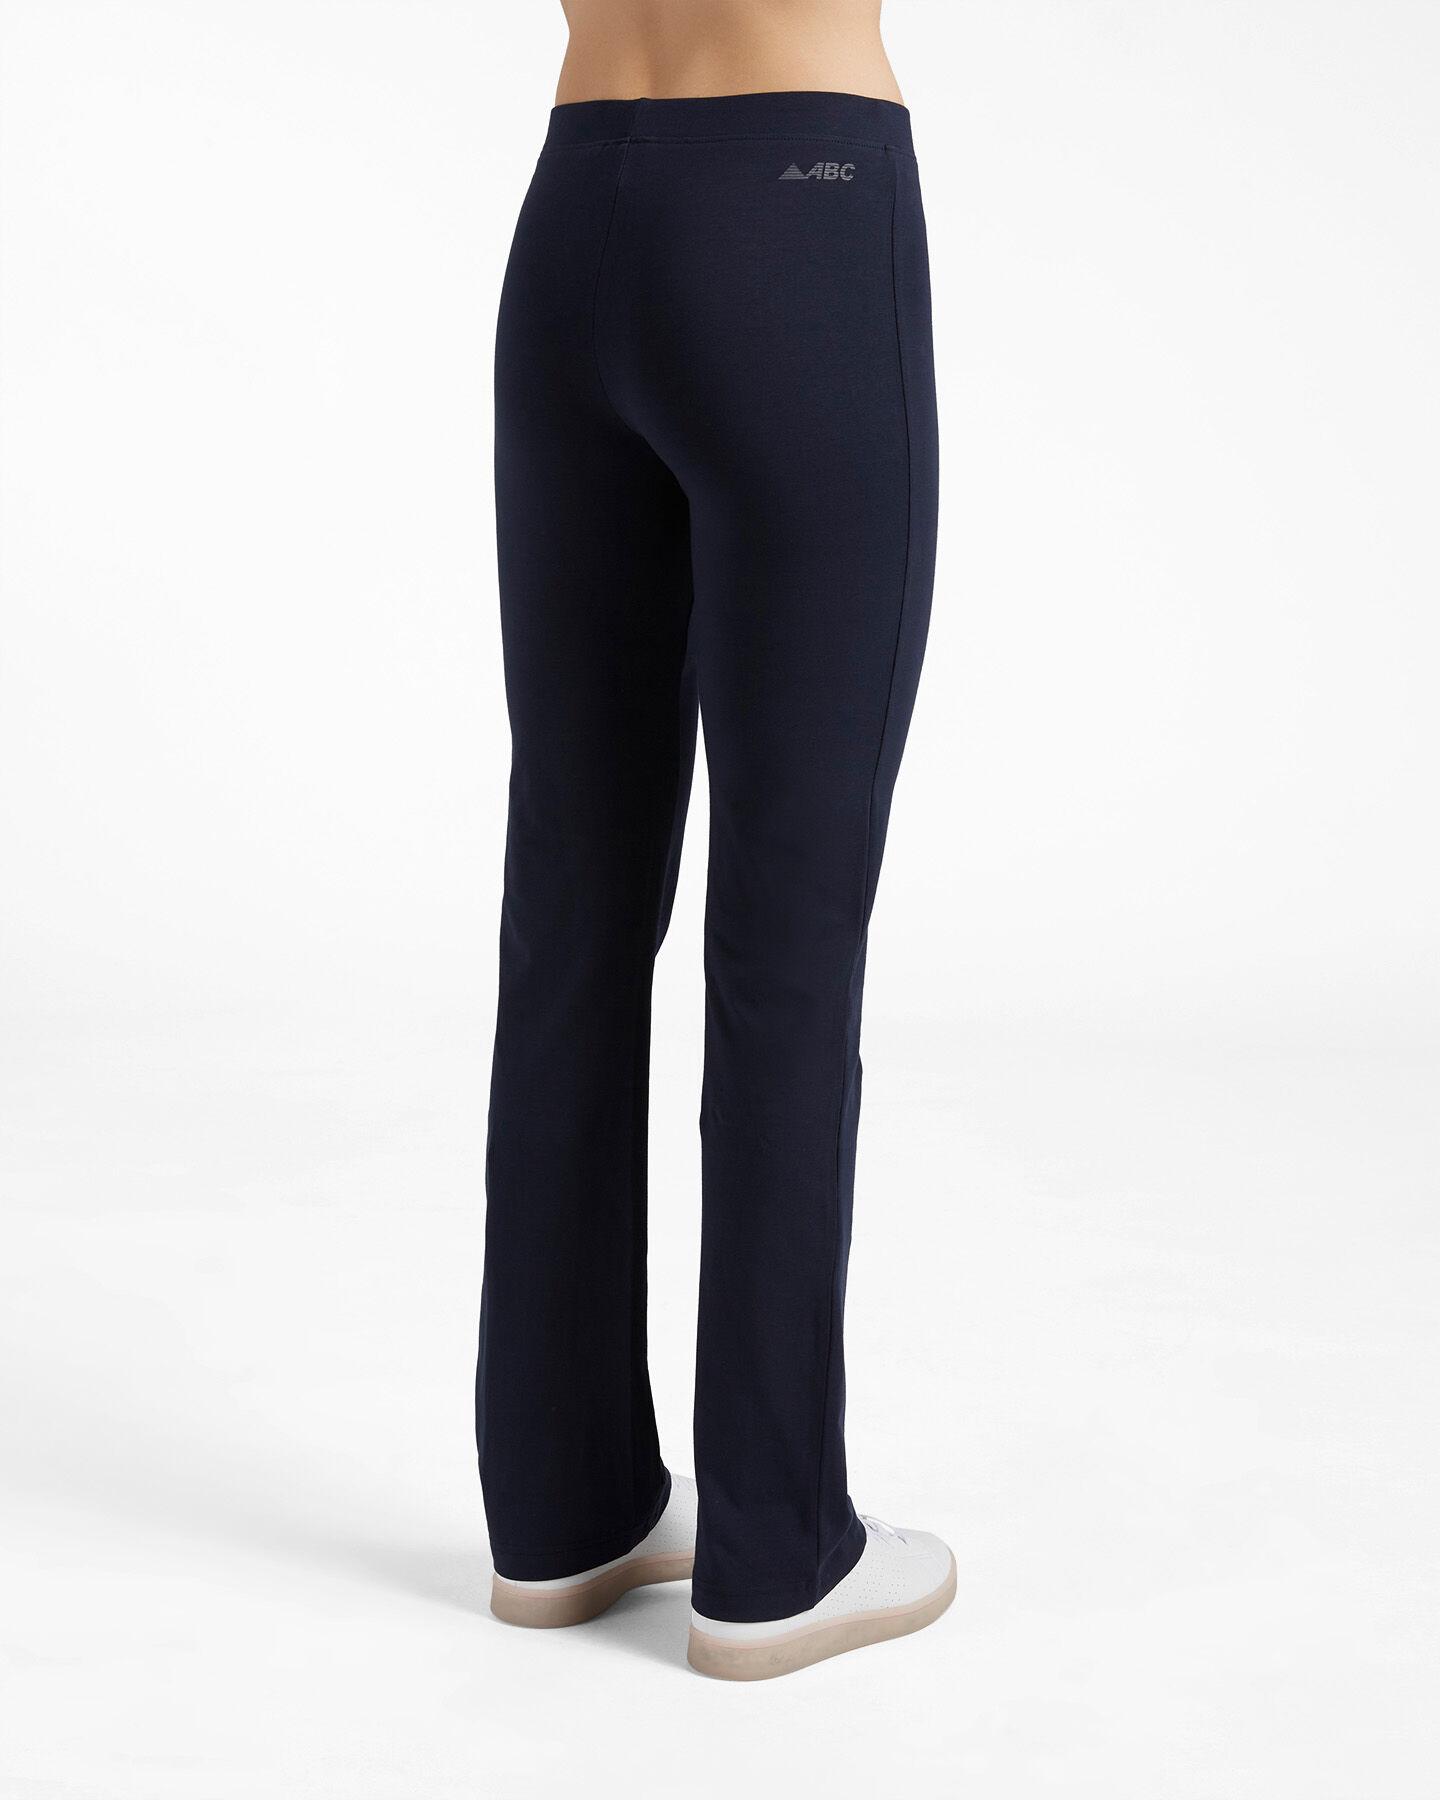 Pantalone ABC STRAIGHT W S5296356 scatto 1